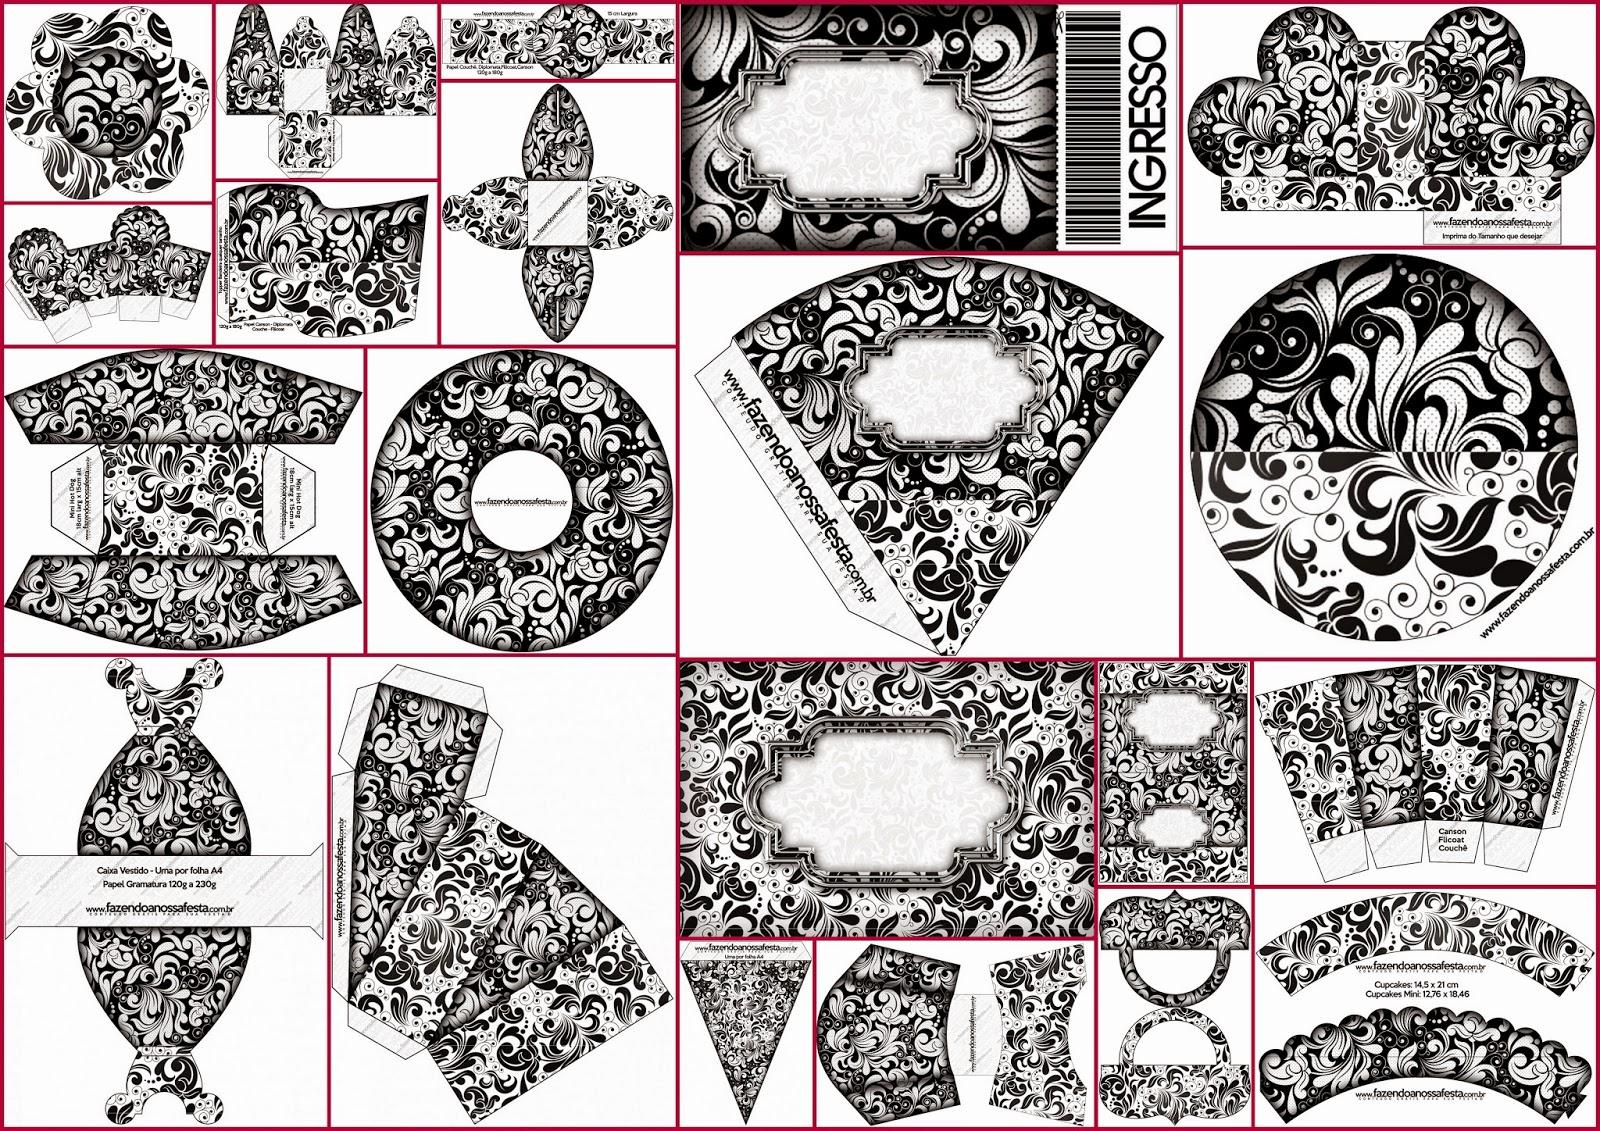 40 Imágenes Abstractas Para Descargar E Imprimir: Blanco Y Negro: Cajas Para Imprimir Gratis.